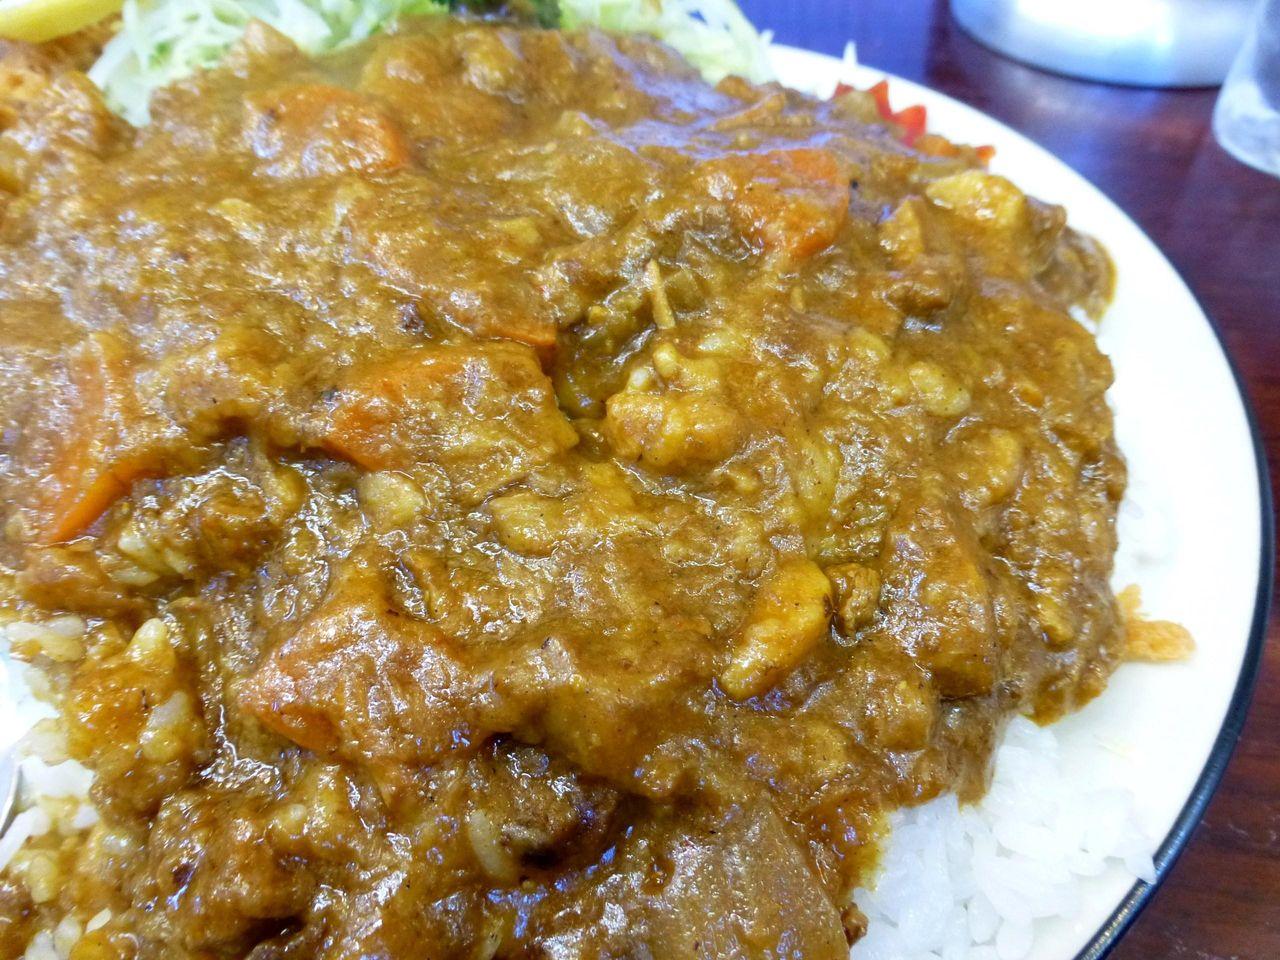 カレーは、野菜を煮込んで粘度が高く、ほど良い辛さ!